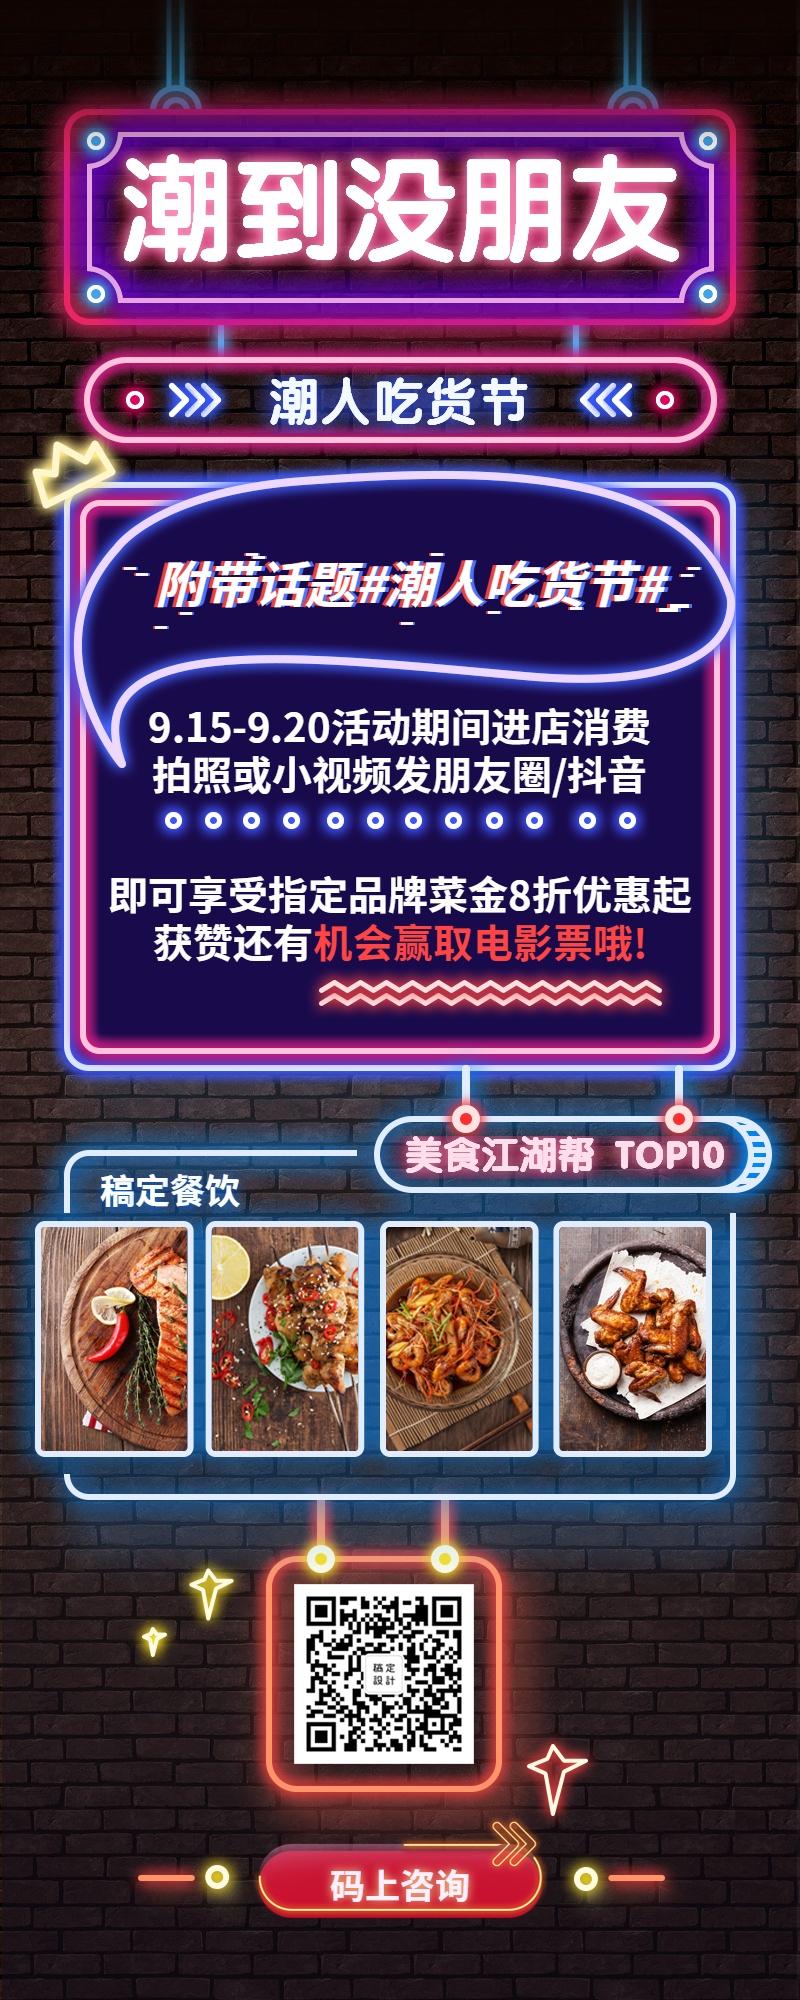 餐饮美食/吃货节促销/抖音霓虹灯/营销长图